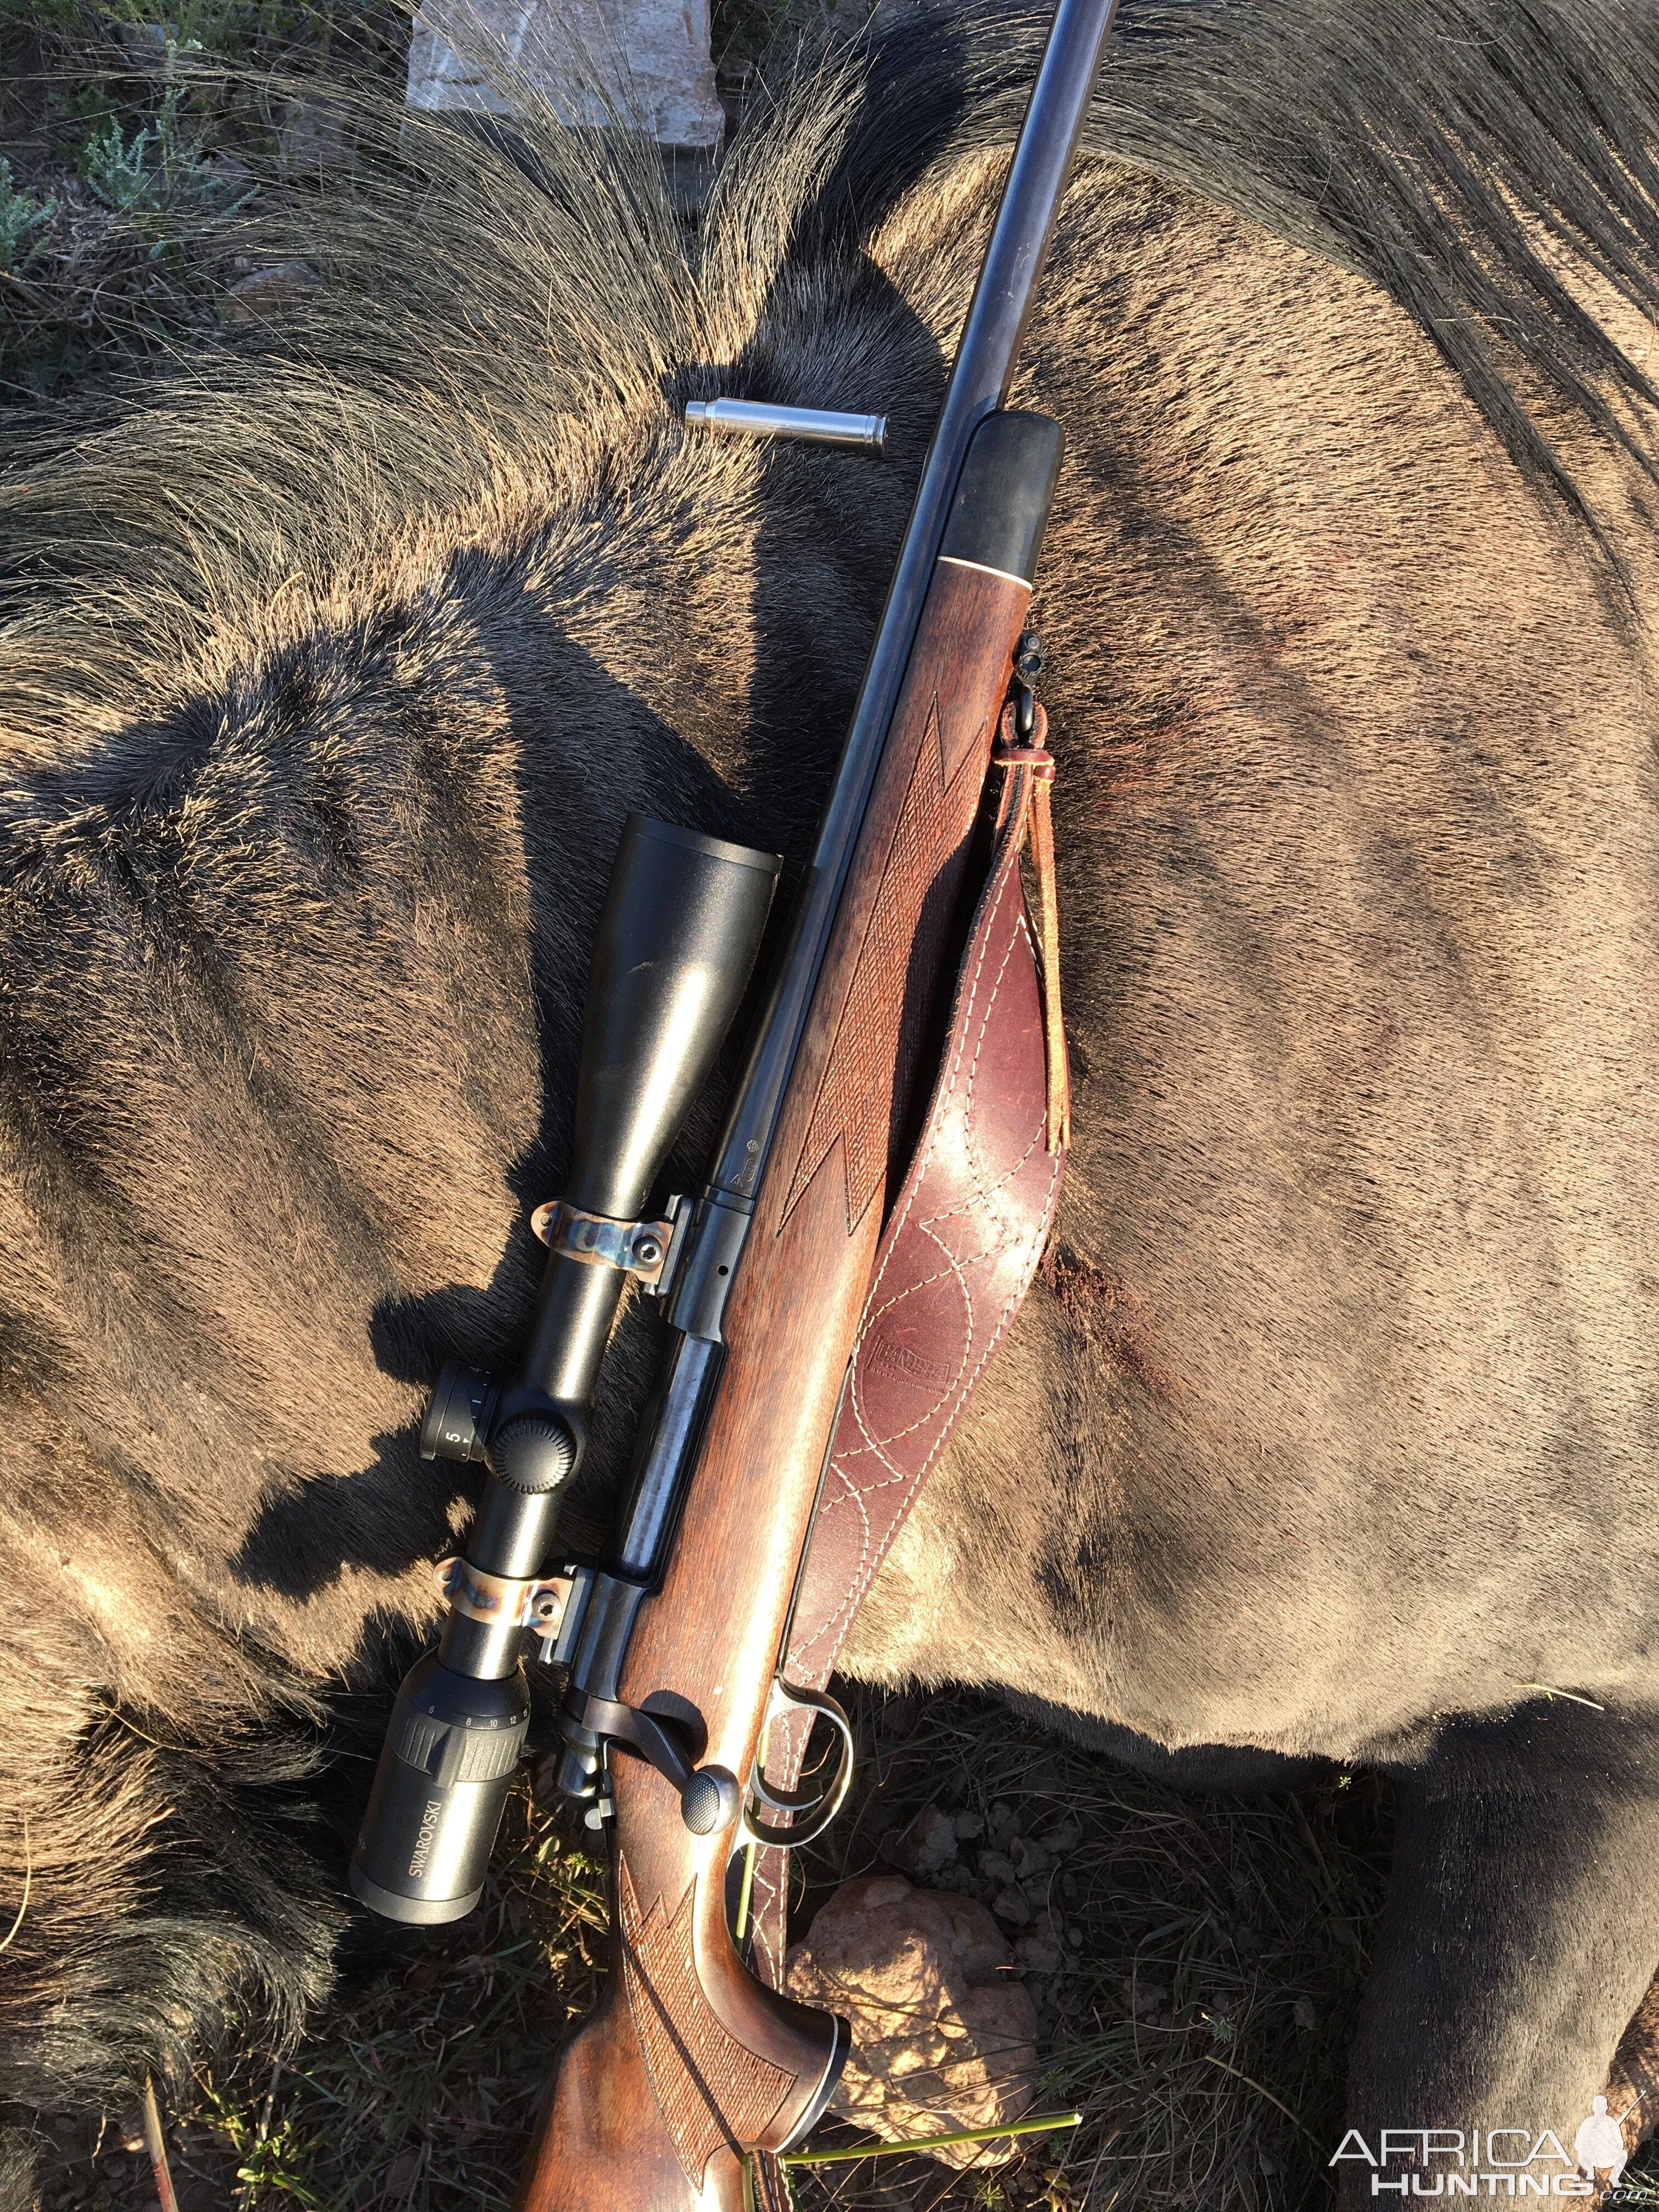 dating Remington 700 rifler